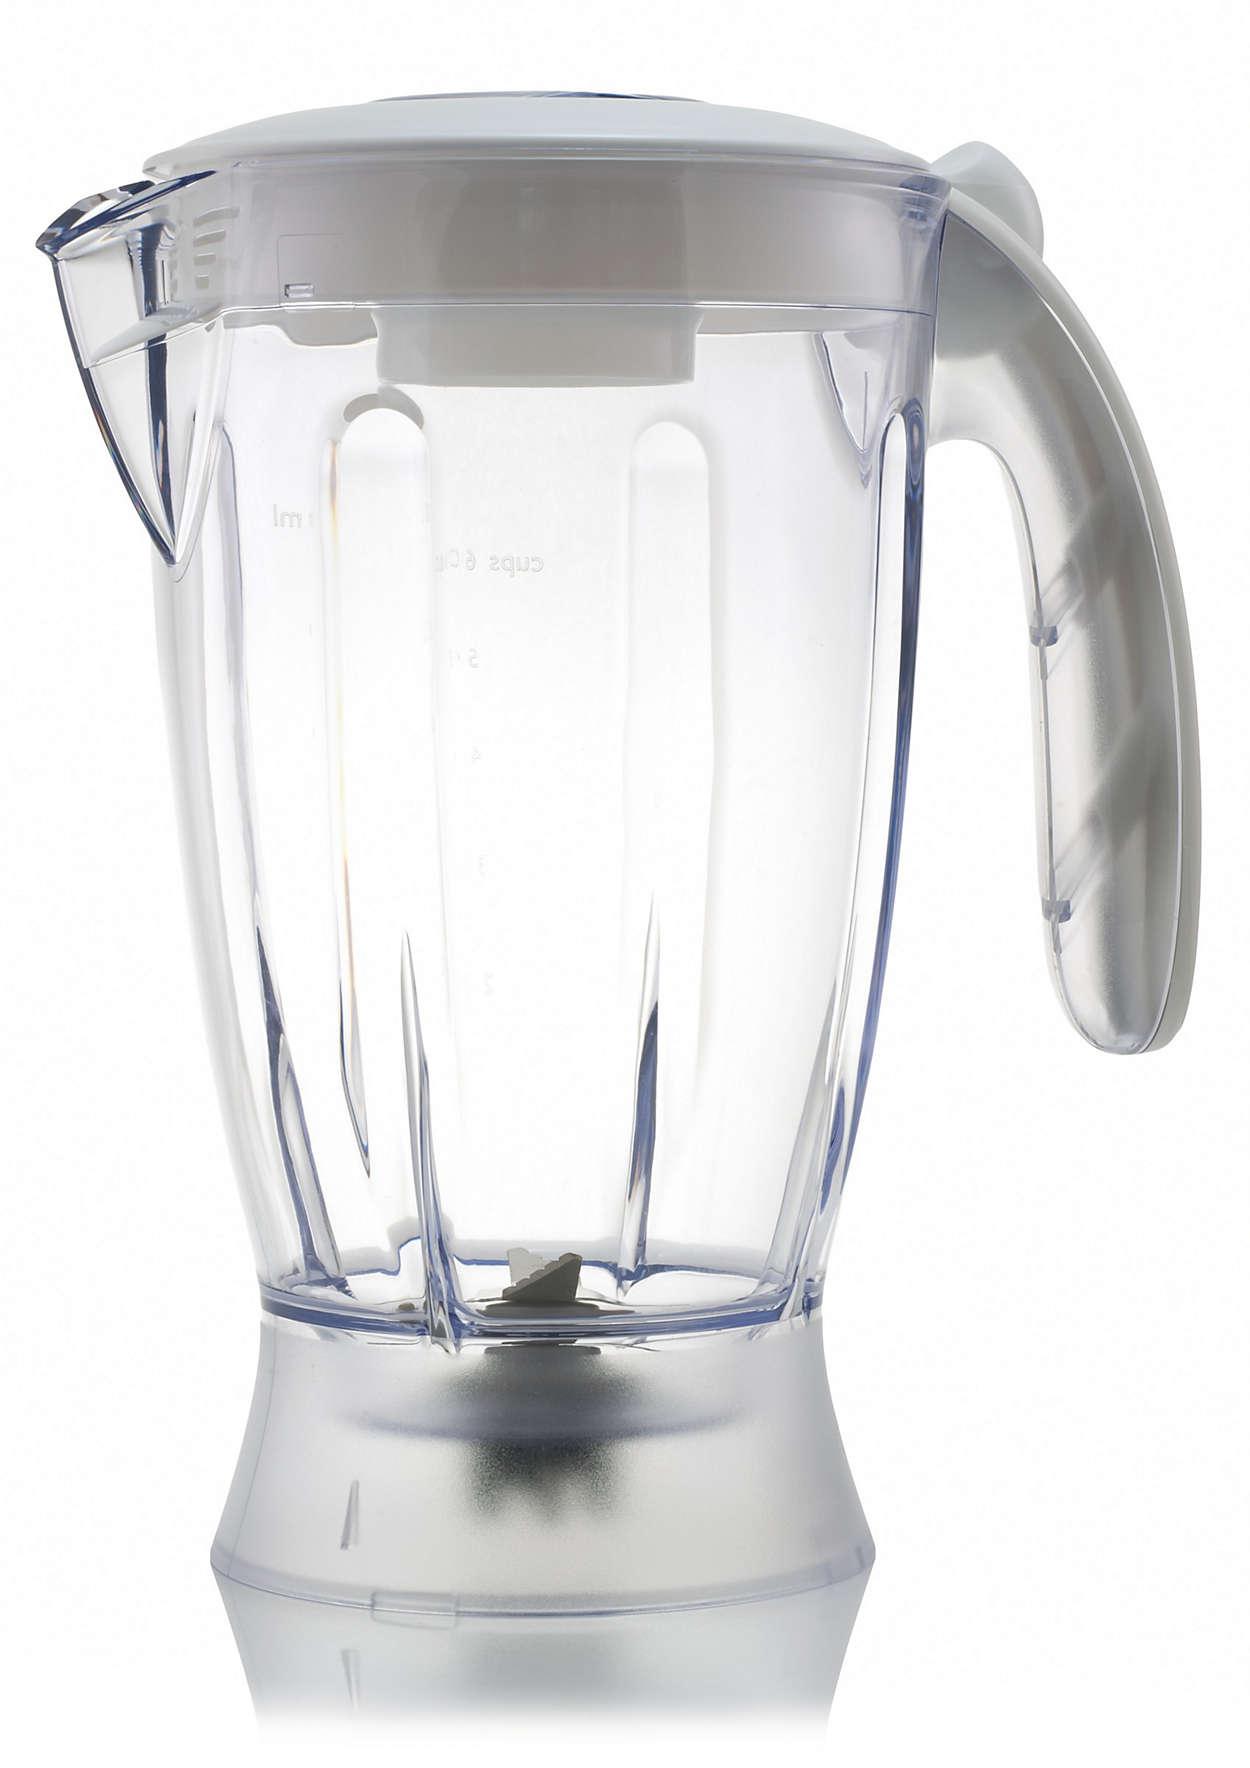 Bol blender pour votre robot de cuisine